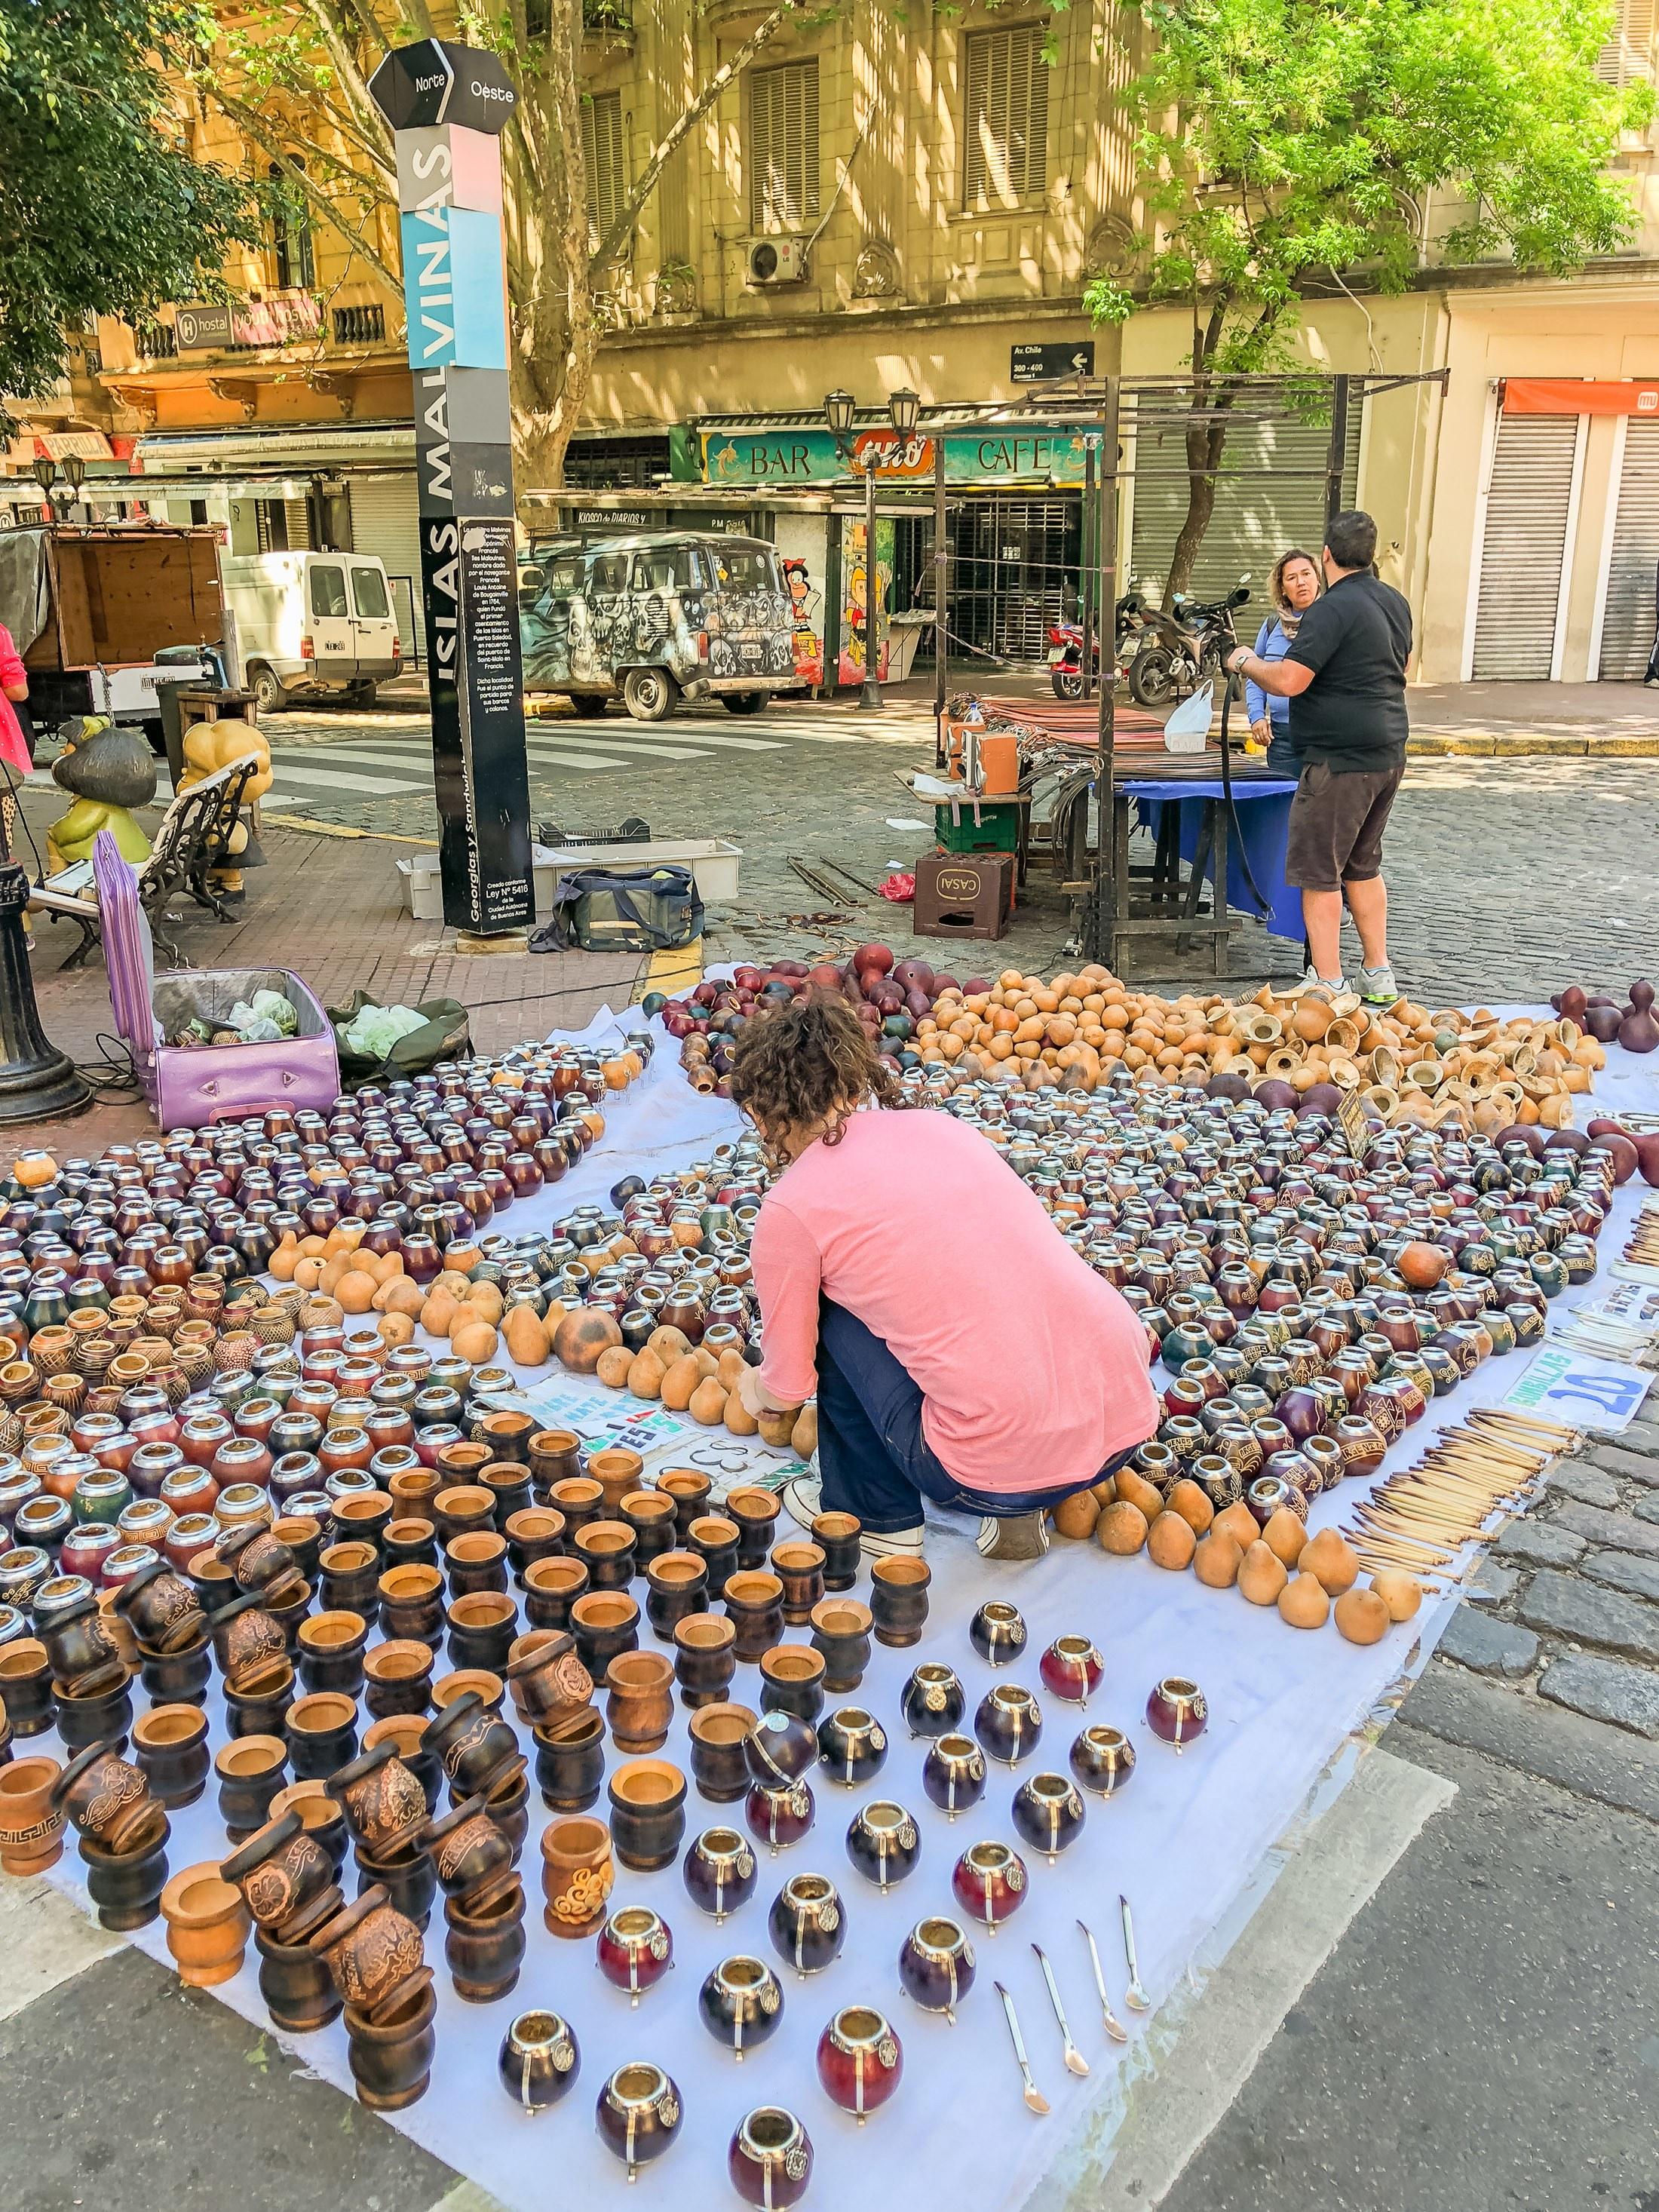 Mate tea gourds at the San Telmo Fair in Buenos Aires.